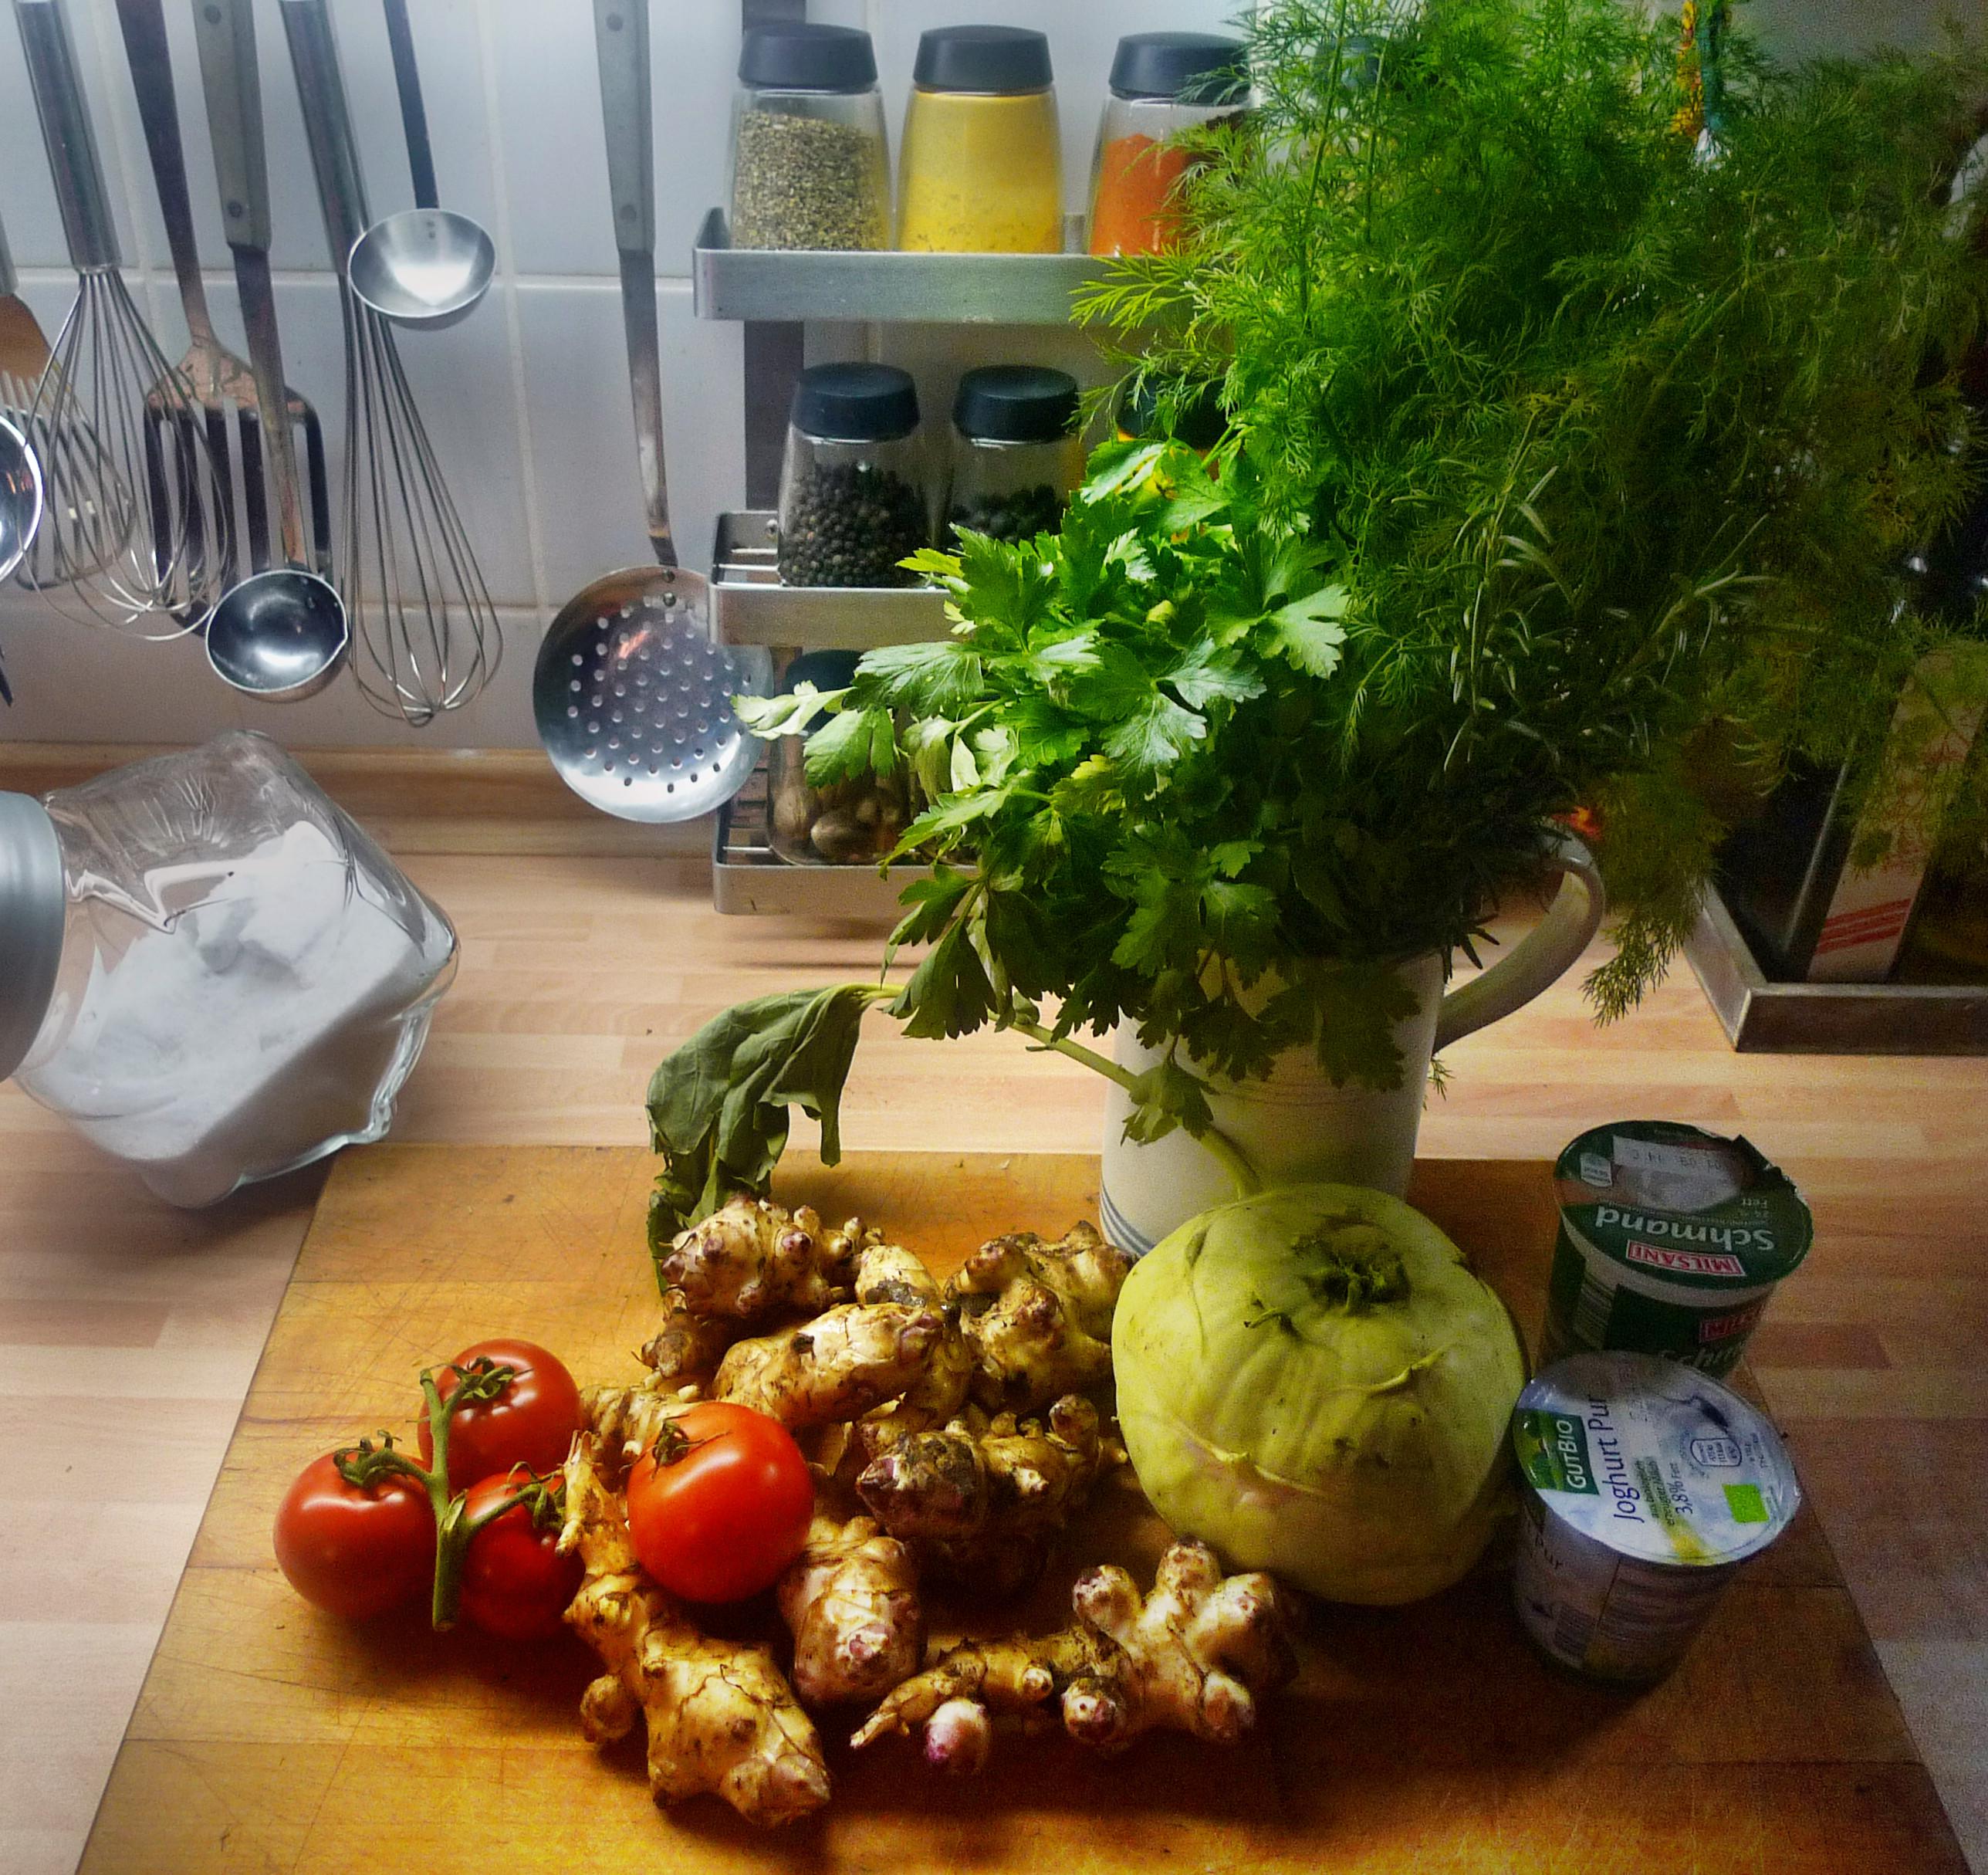 Topinambur-Kohlrabisalat-Gebratene Tomaten-Lachs - 23.10.14   (4)